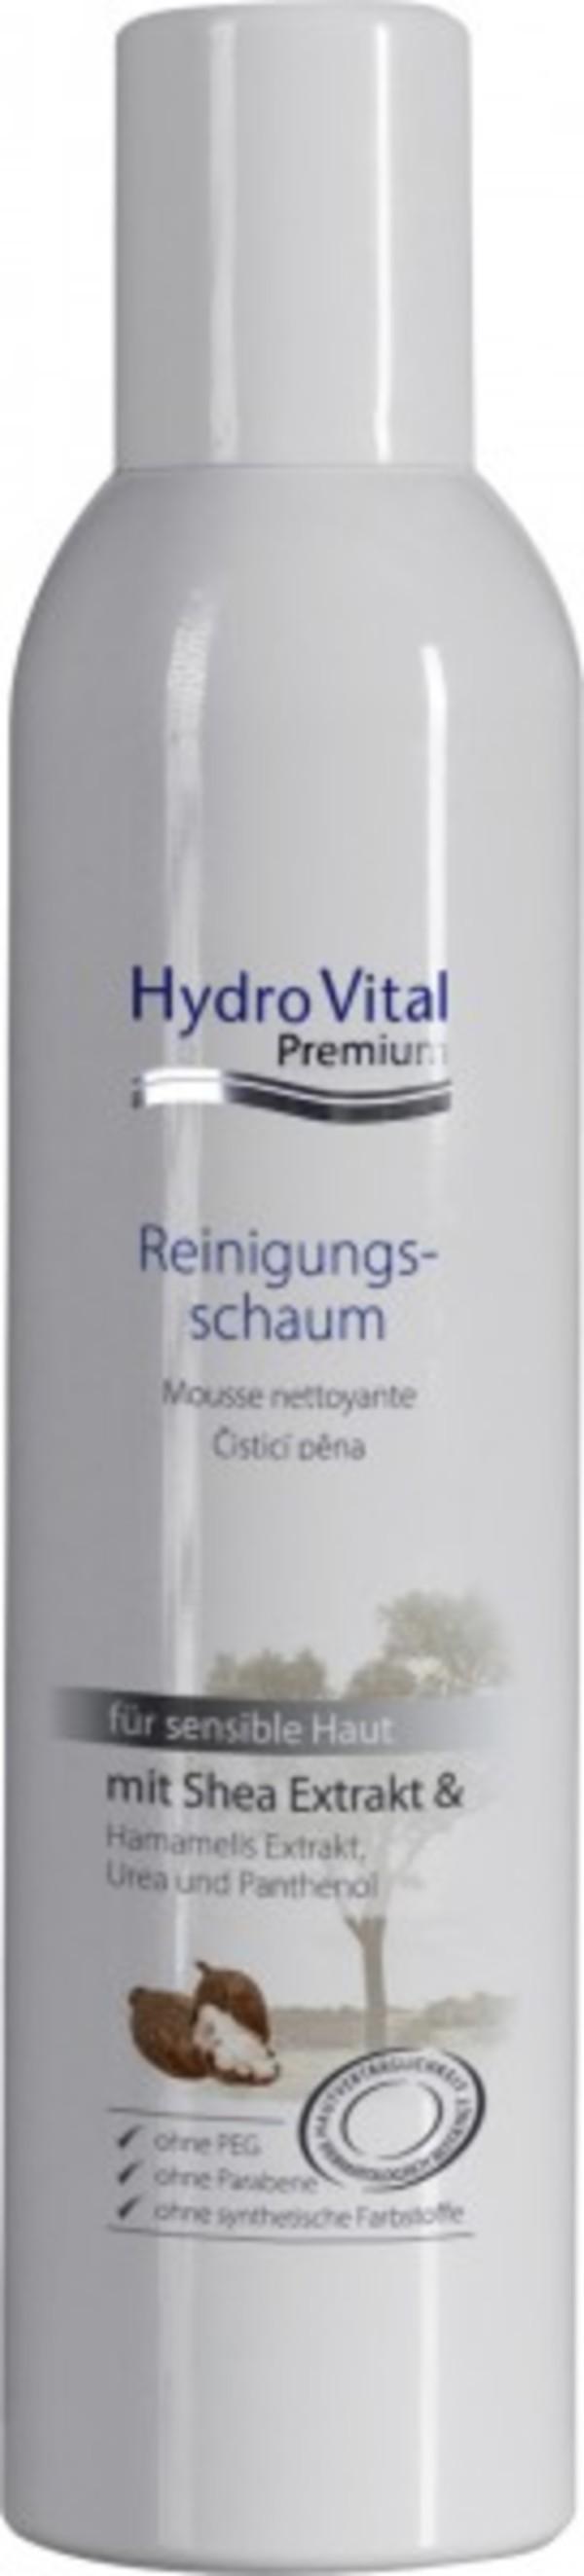 HydroVital Premium Reinigungsschaum ,  400 ml